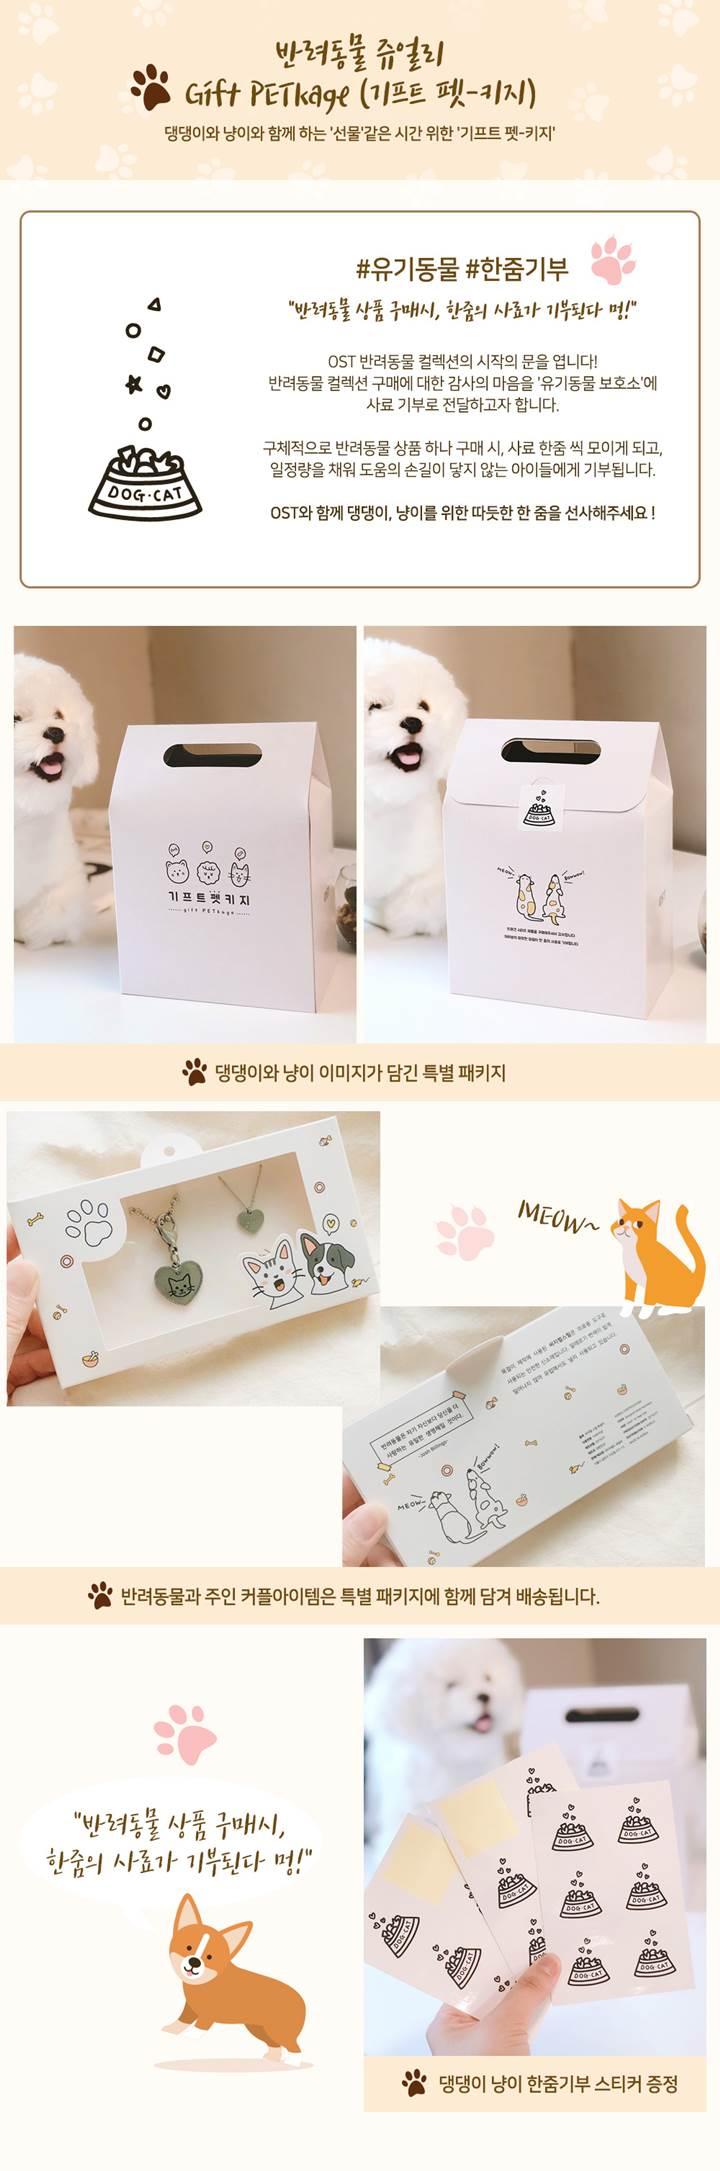 오에스티(OST) [댕냥이 집사템] 고양이 로즈골드 메쉬시계 OTW919706TPP